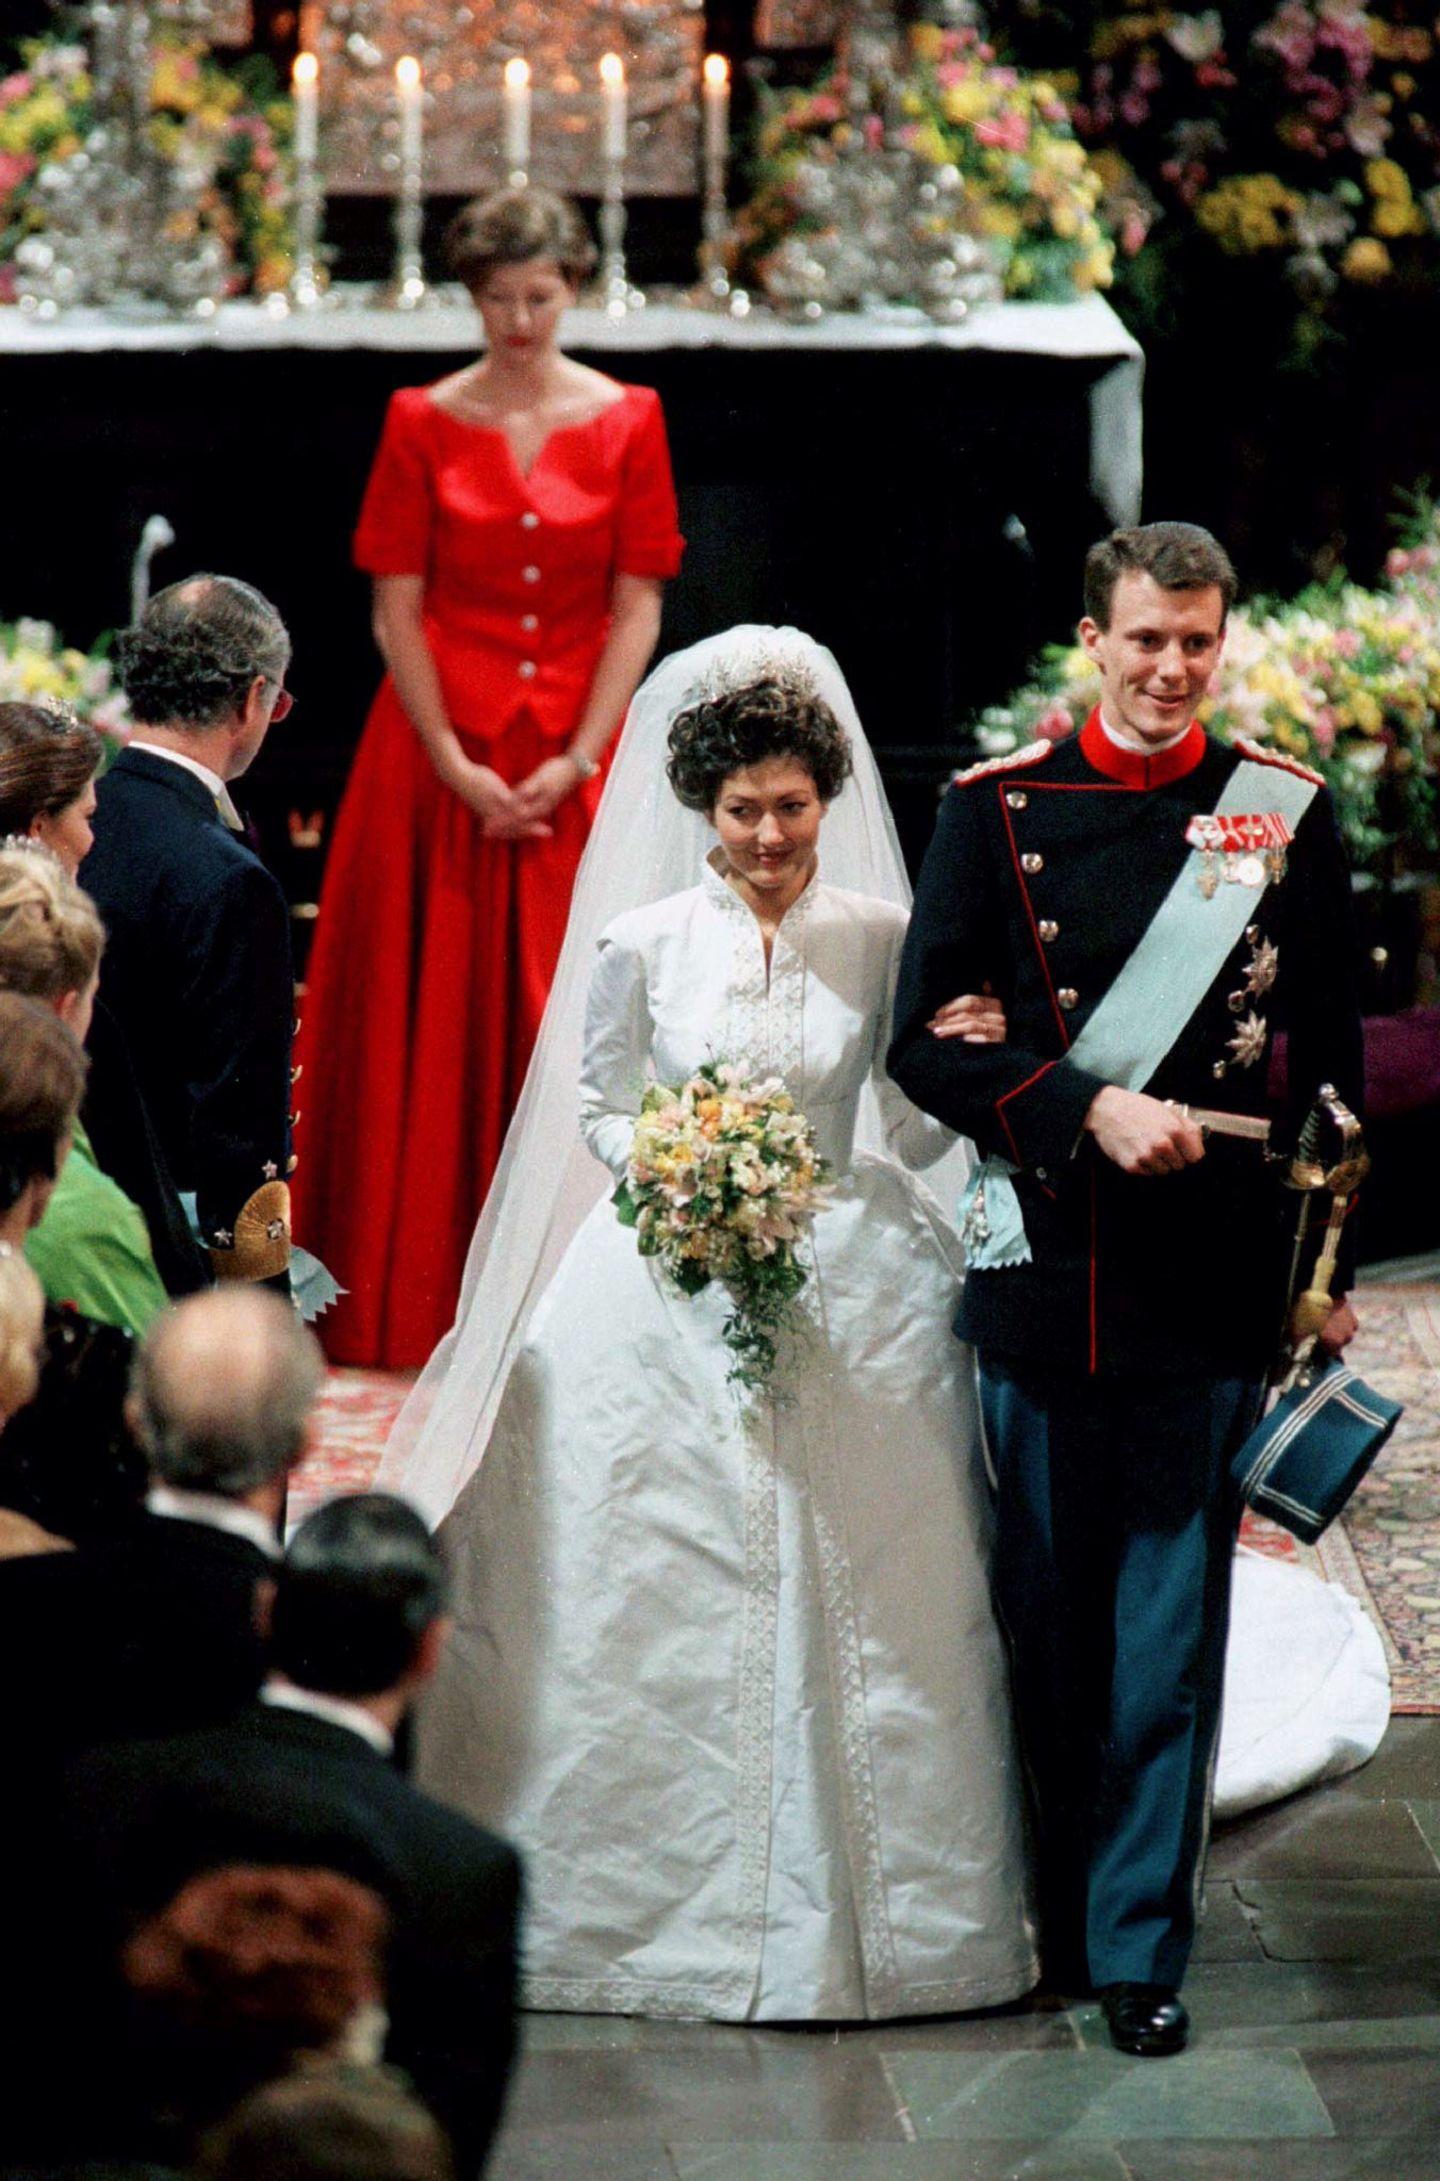 Alexandra Manley aus Hongkong ist die Prinzessin, von der die Dänen immer geträumt hatten. Prinz Joachim führt sie 1995 vor den Traualtar. Der zweite Sohn von Königin Margrethe und Prinz Henrik heiratet sogar noch vor seinem älteren Bruder.